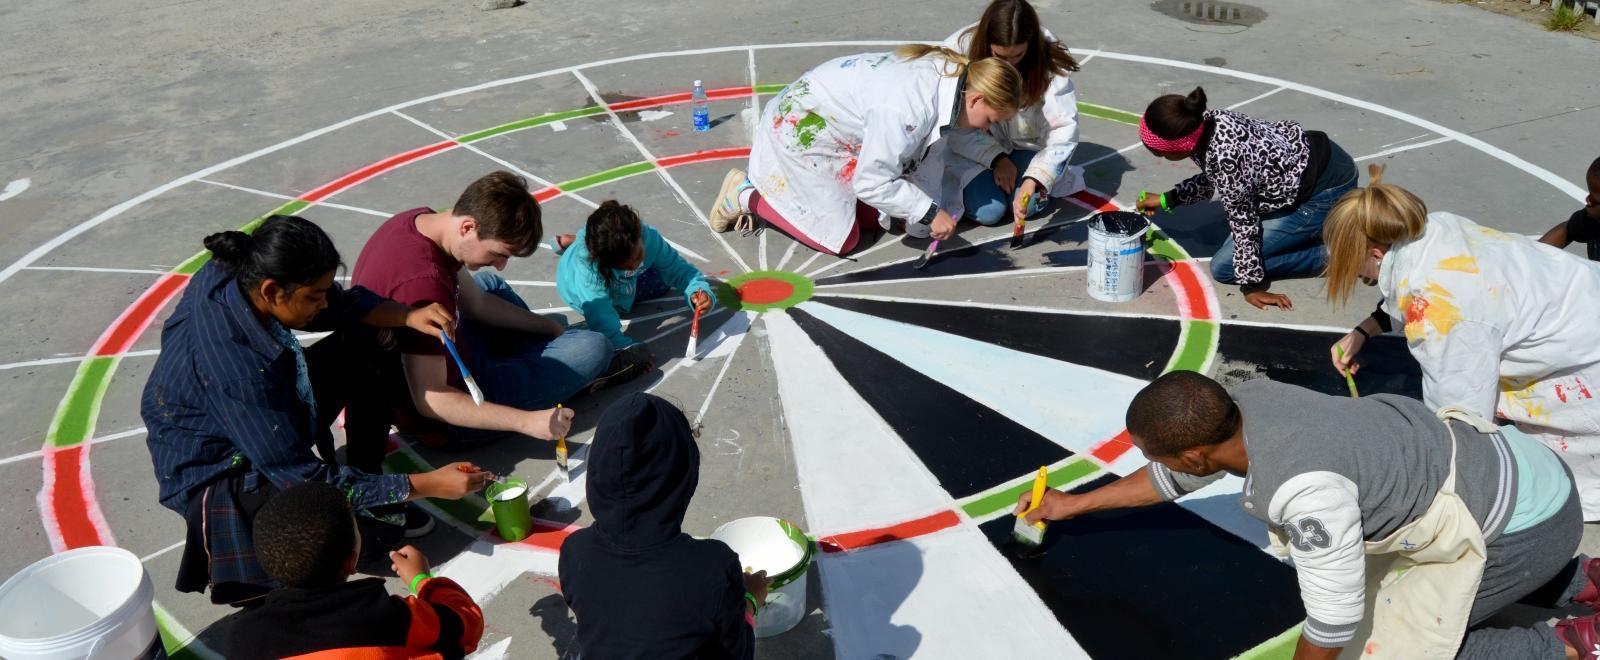 Un groupe de Roundsquare accueilli par la Tore's Foundation peint une aire de jeux avec les membres des communautés locales au Cap, Afrique du Sud.